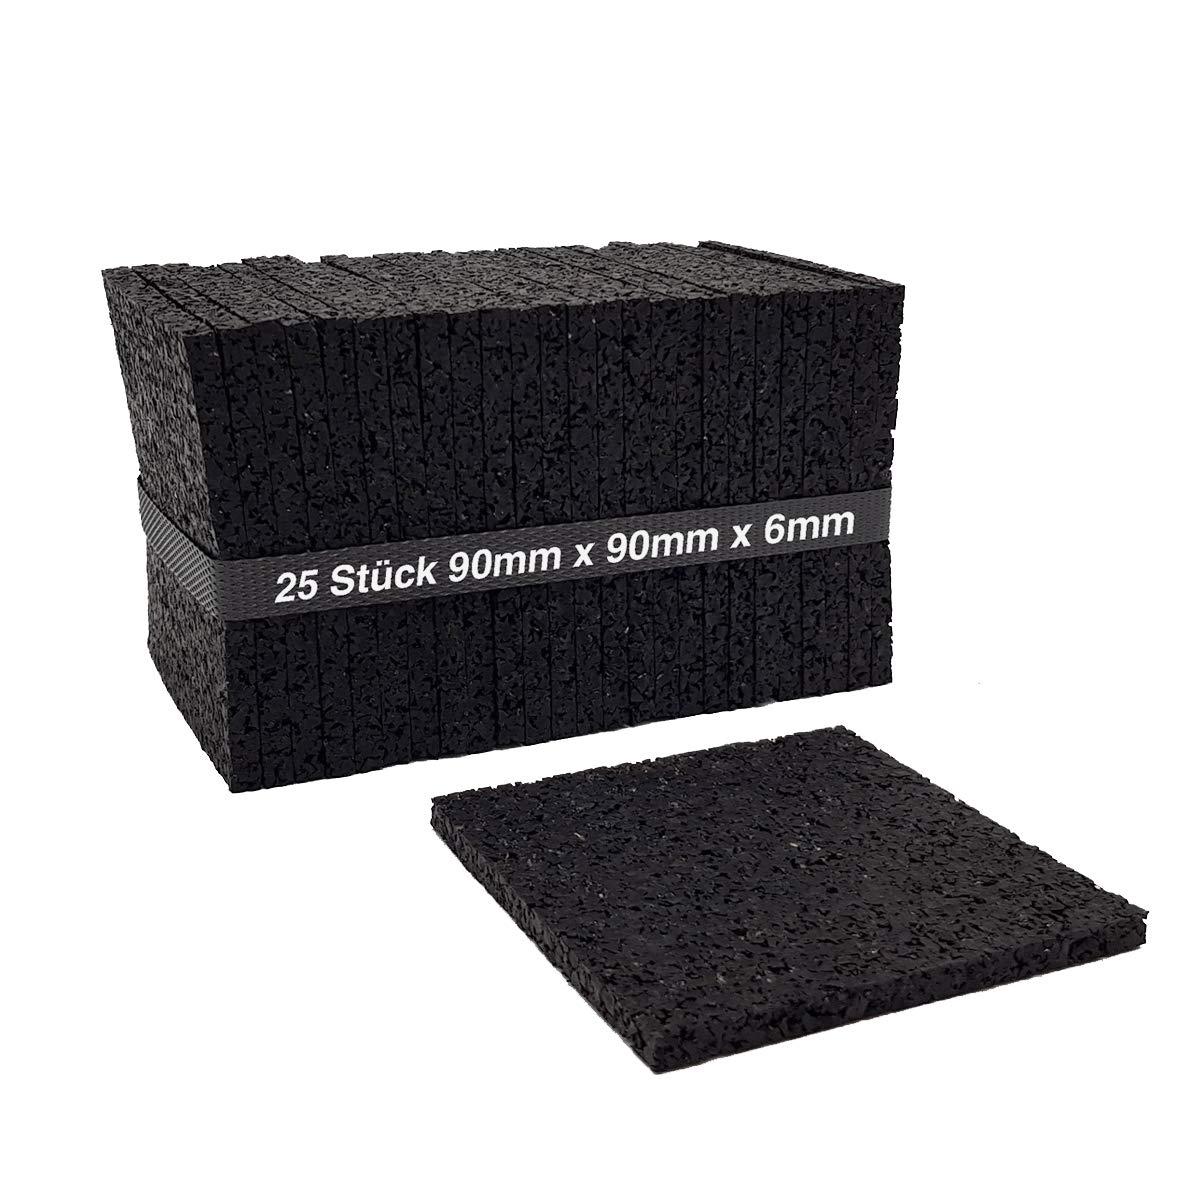 Lot de 256mm terrassenpad, terrassenpads, terrasses Construction en granulés de caoutchouc my-plast